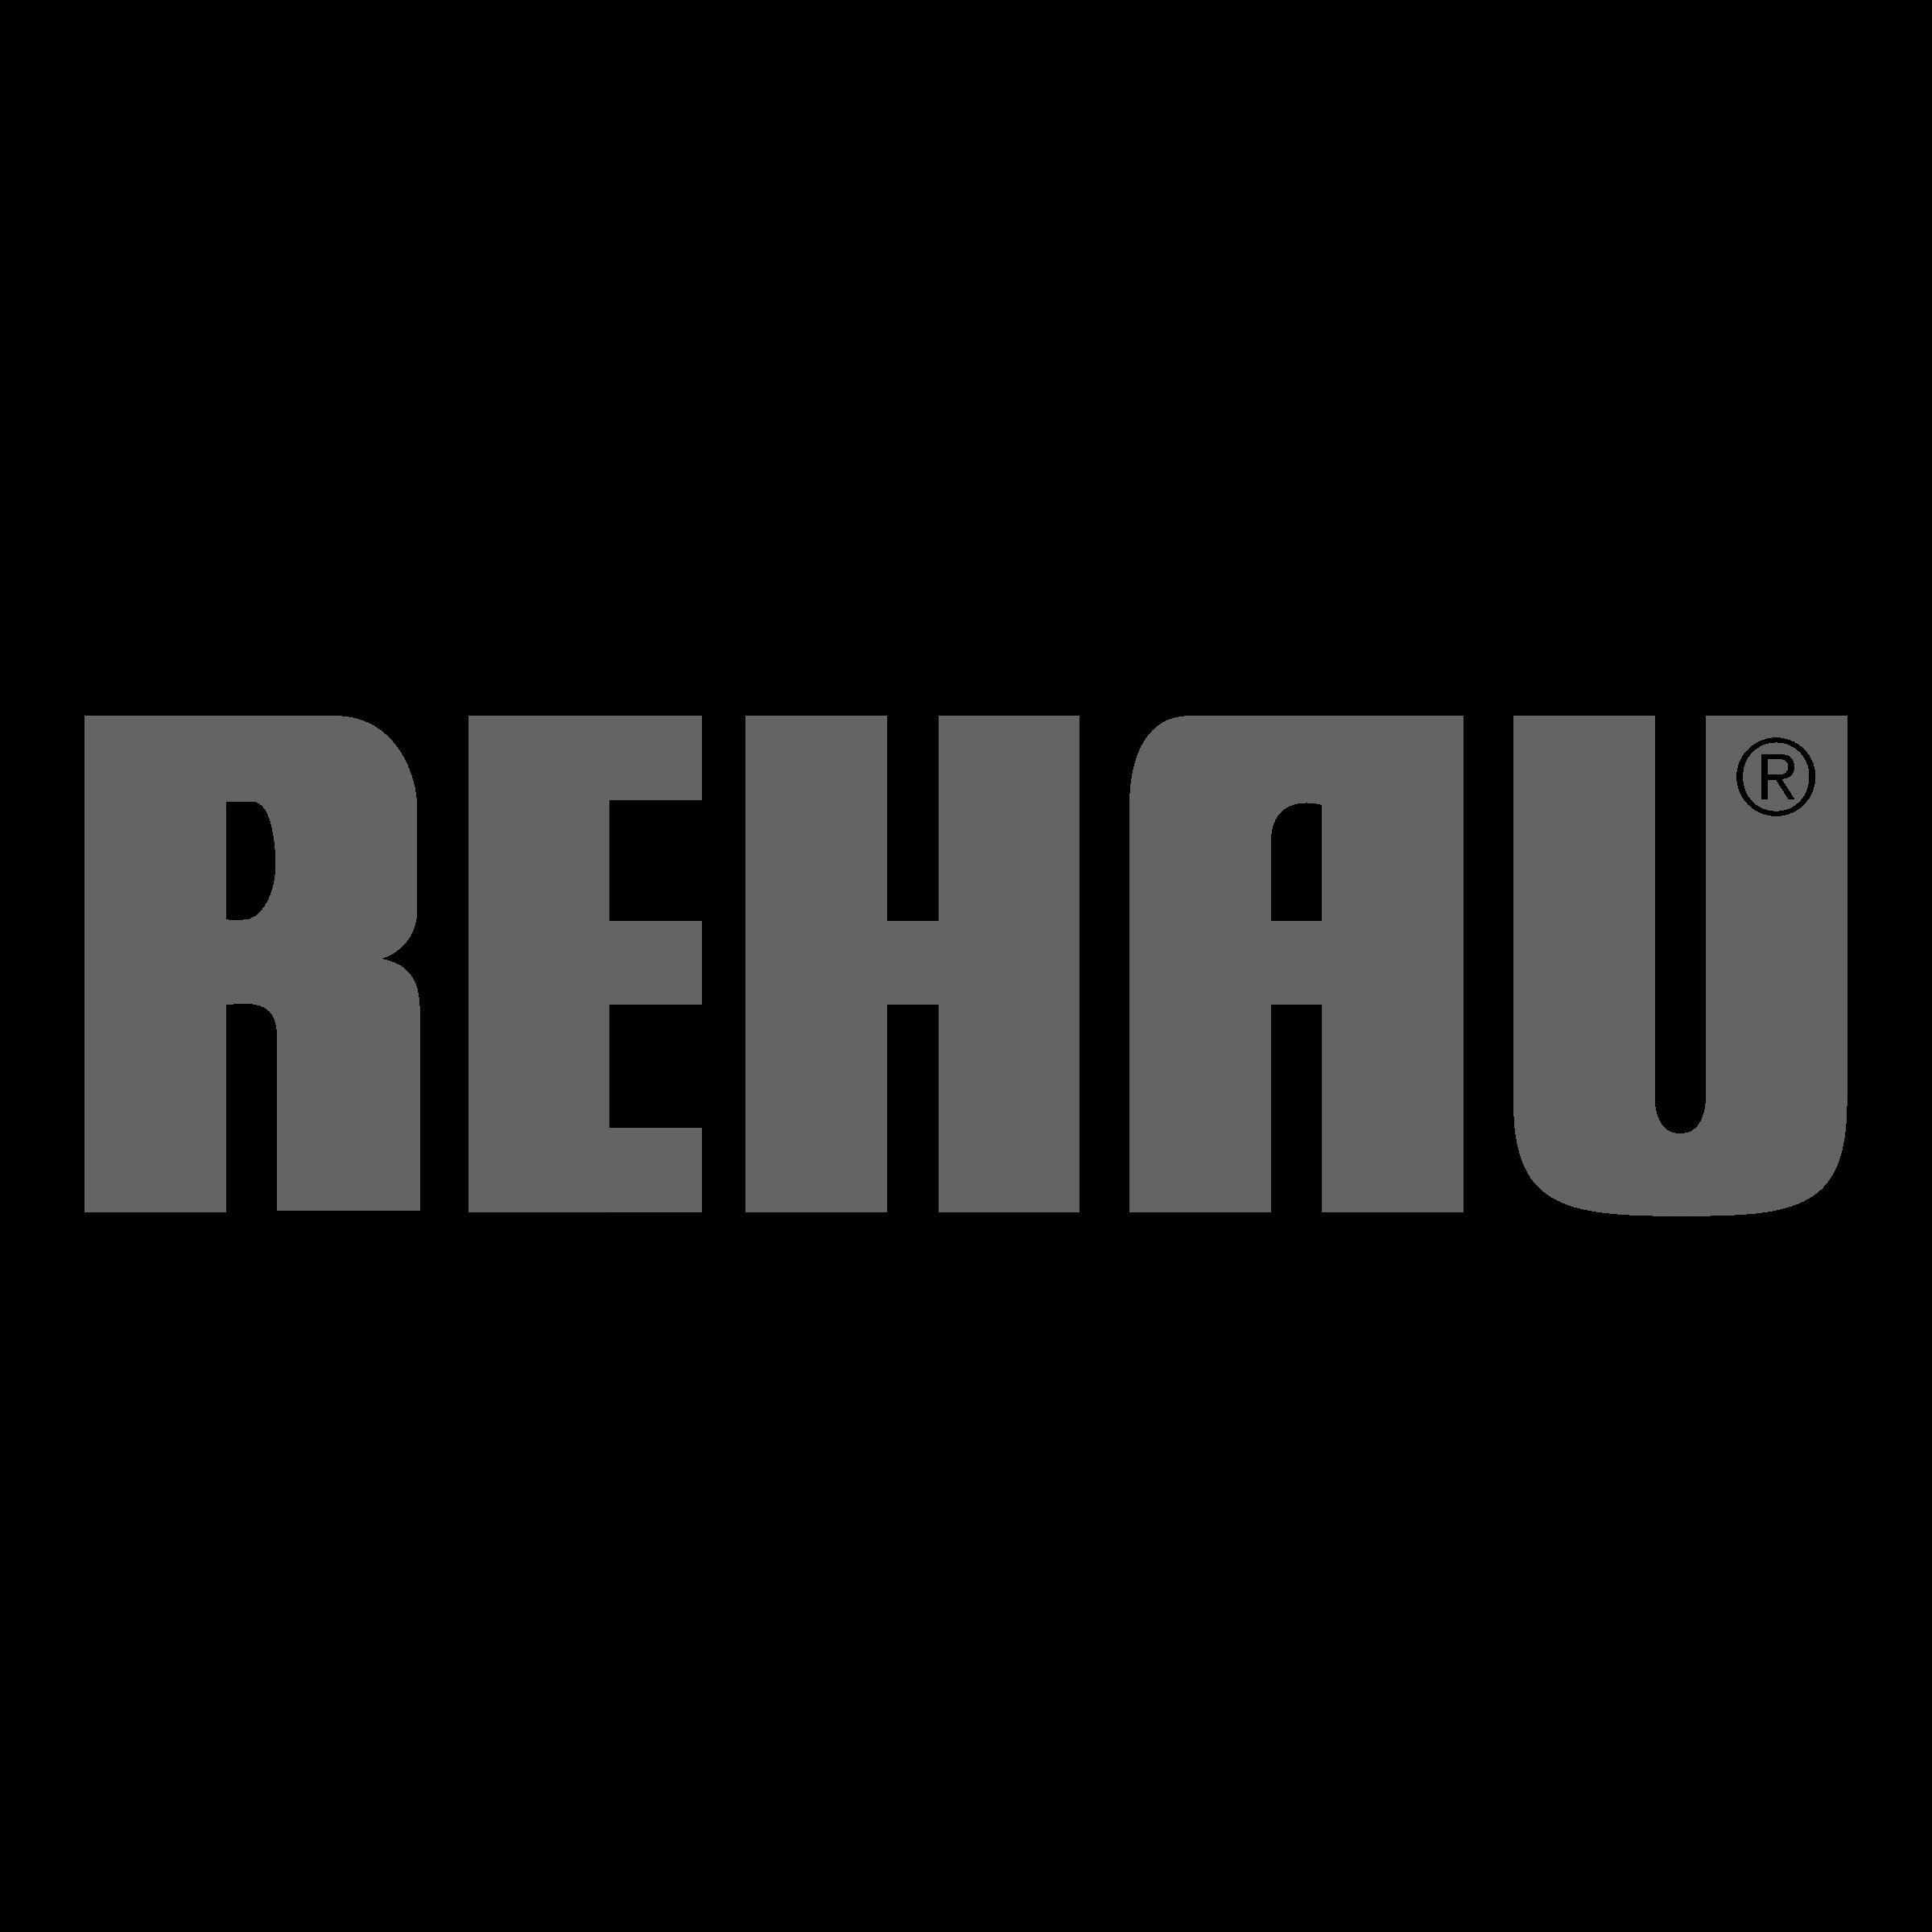 Rehau Logo PNG Transparent & SVG Vector.